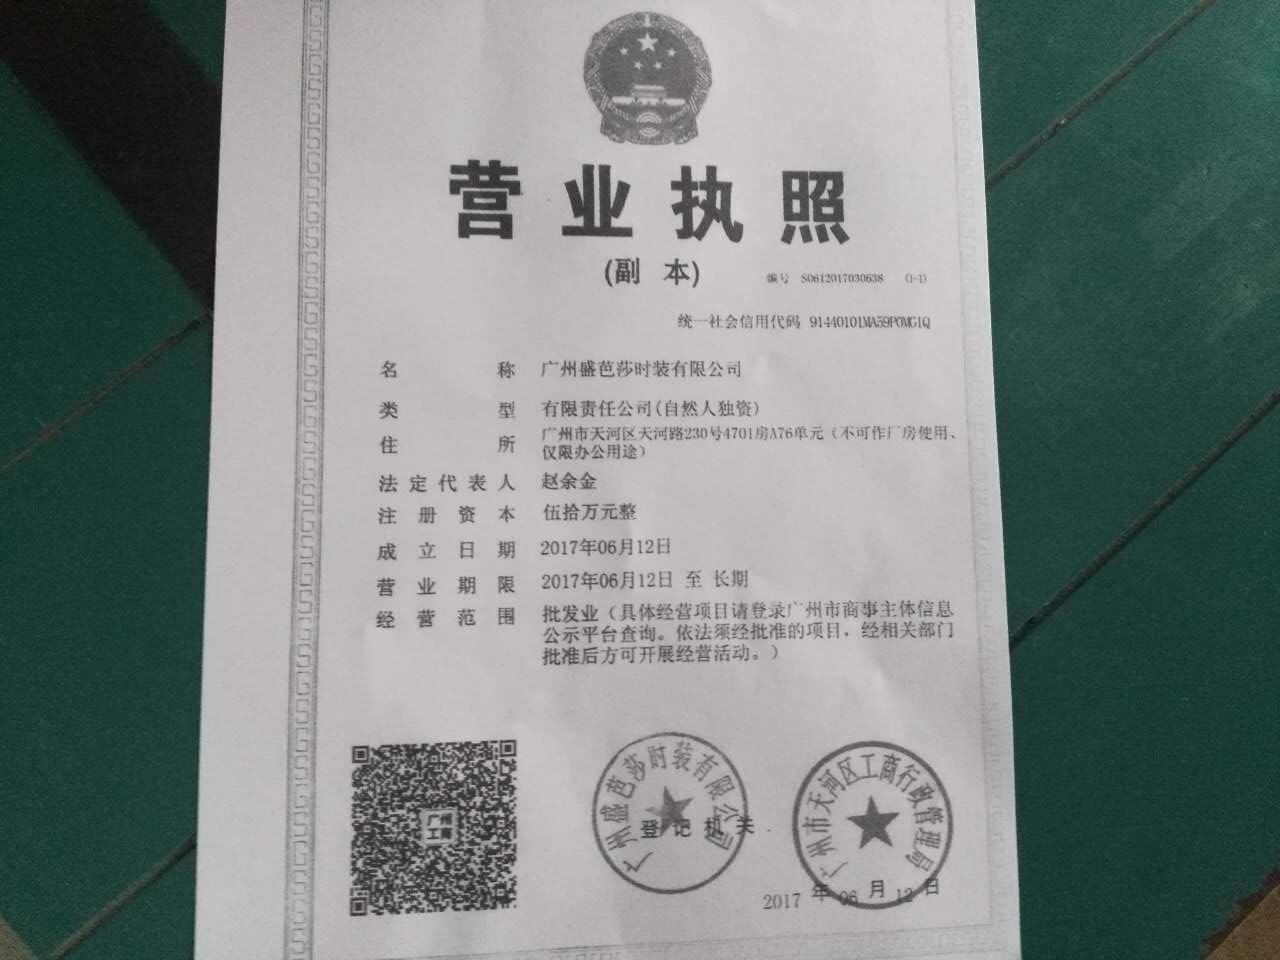 广州盛芭莎时装有限公司企业档案